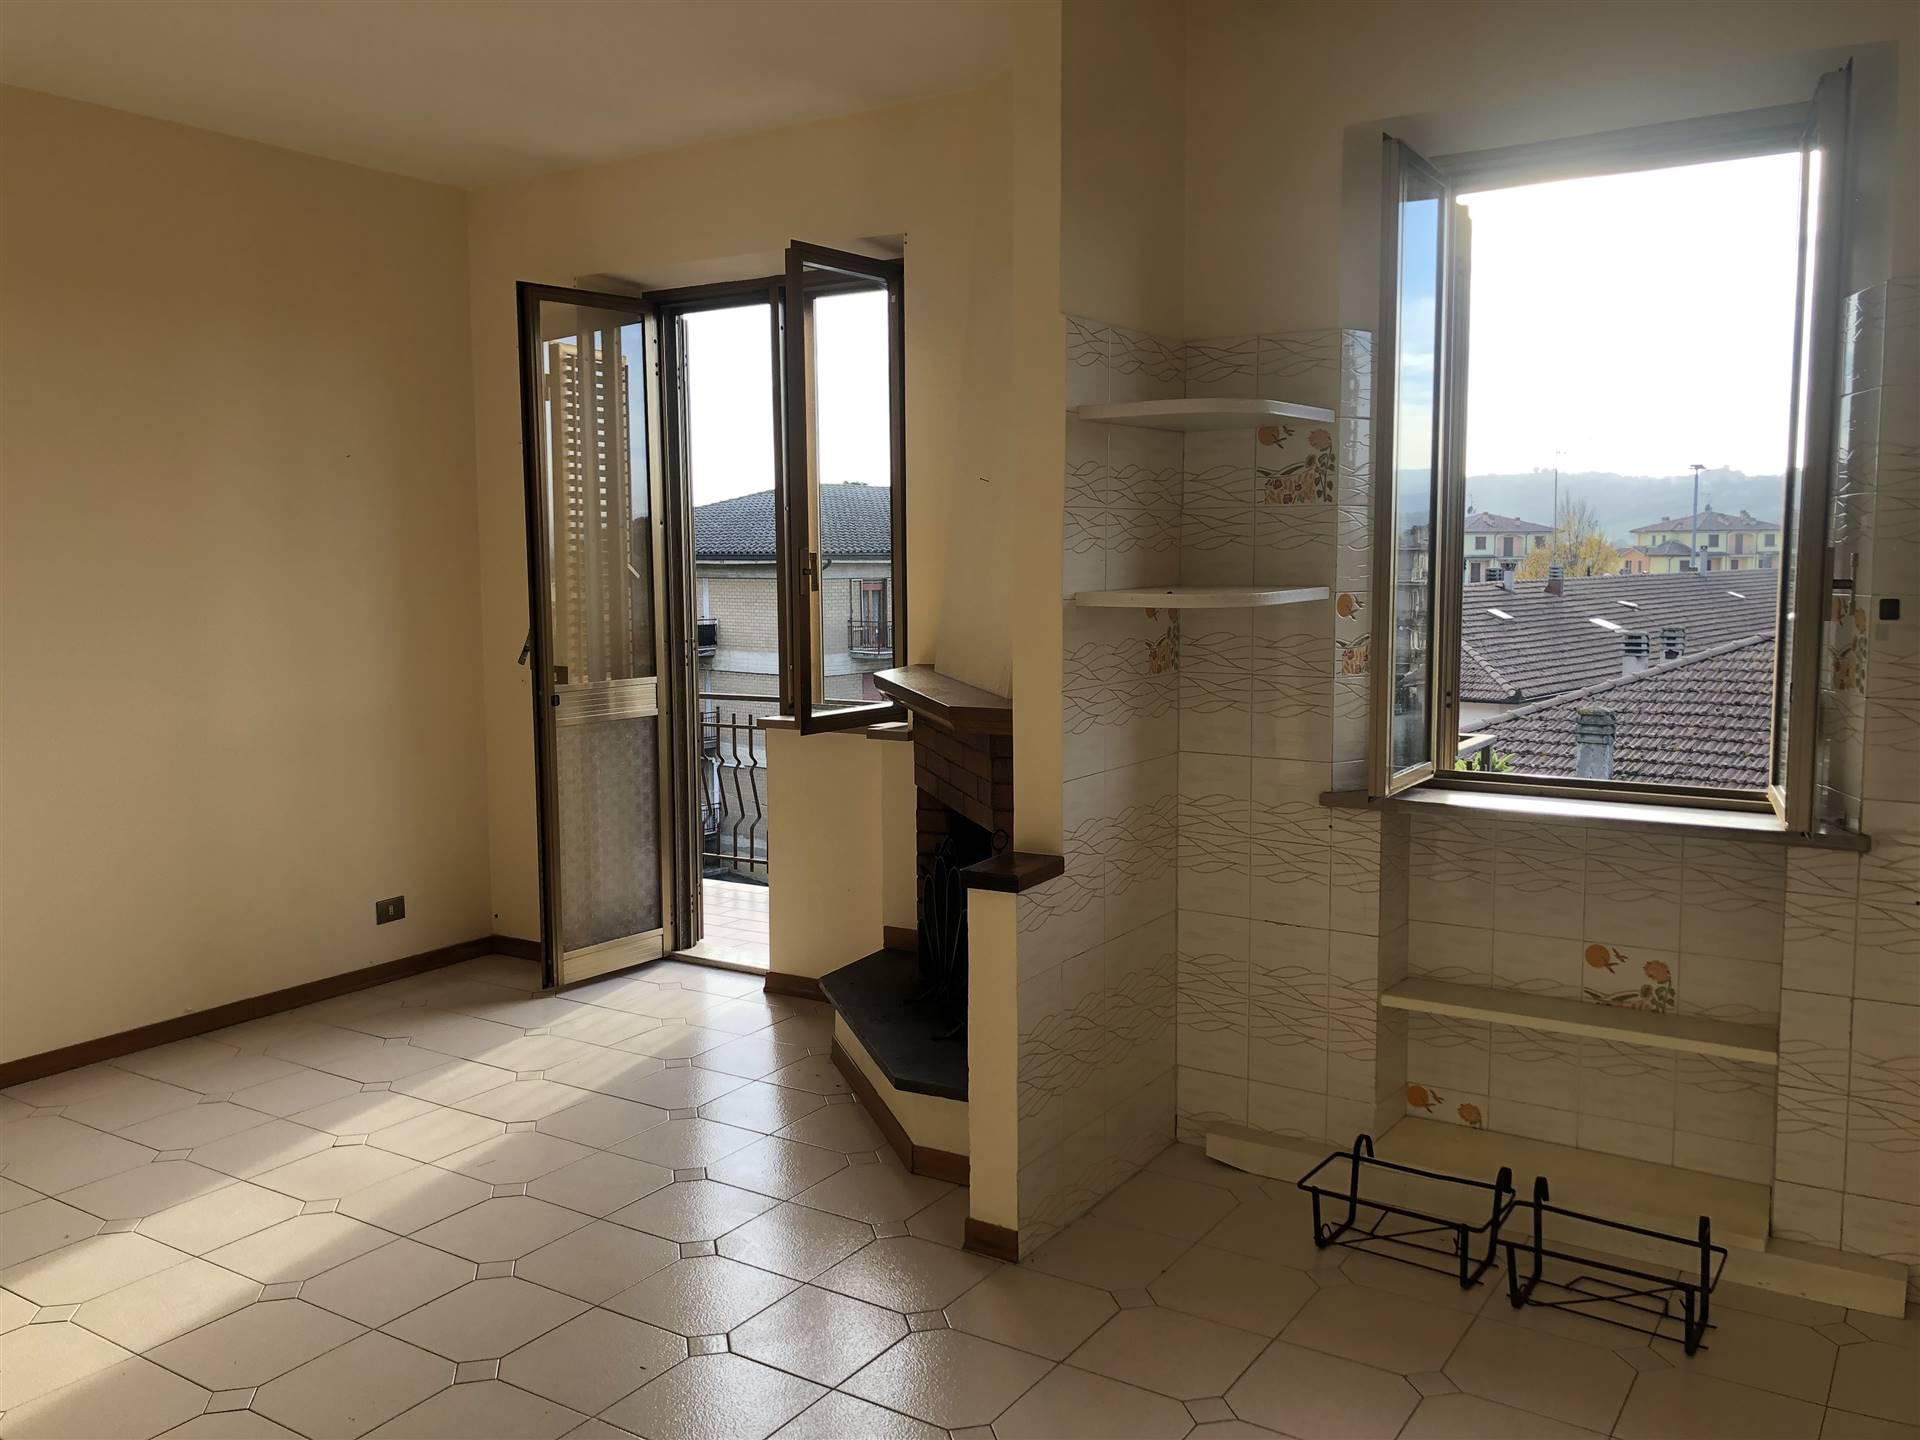 Appartamento in affitto a Fabro, 5 locali, zona Zona: Fabro Scalo, prezzo € 400 | CambioCasa.it